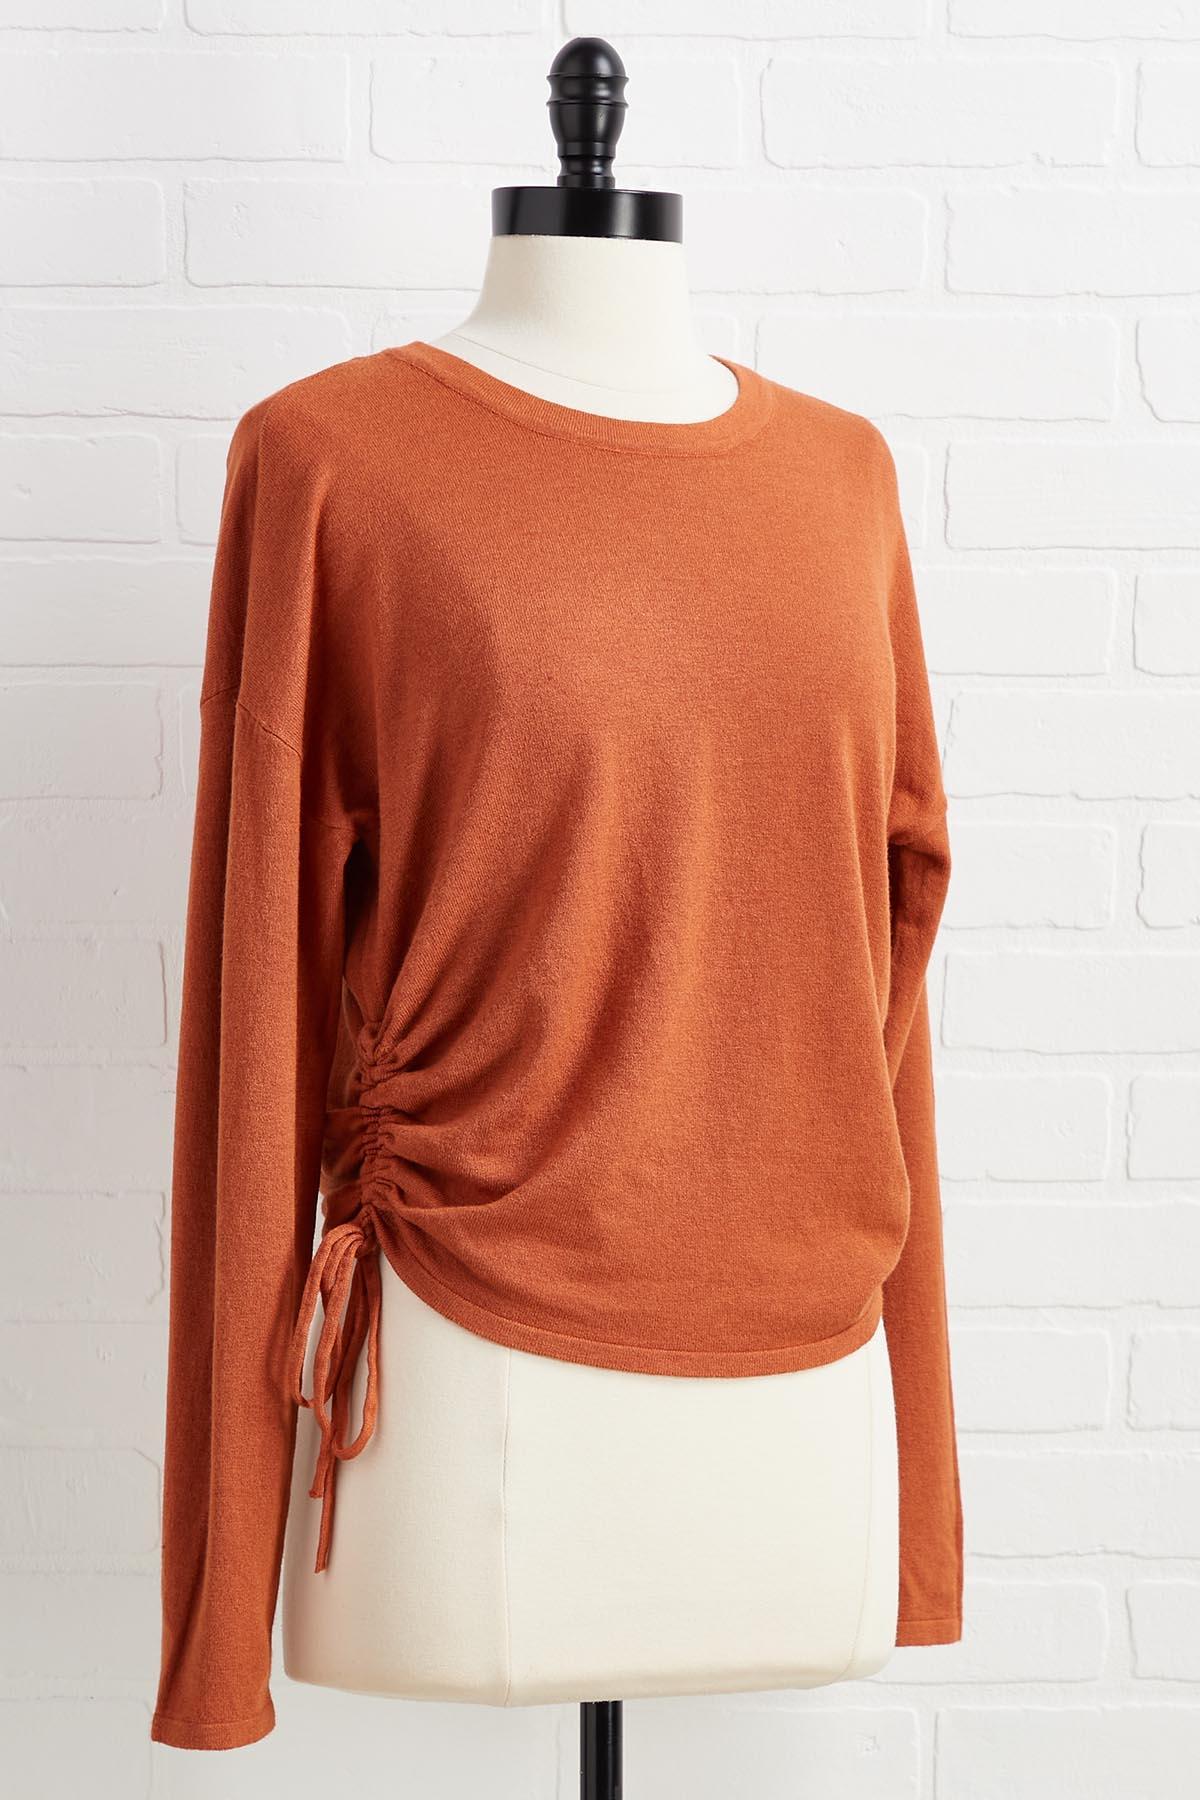 It's Scrunch Time Sweater